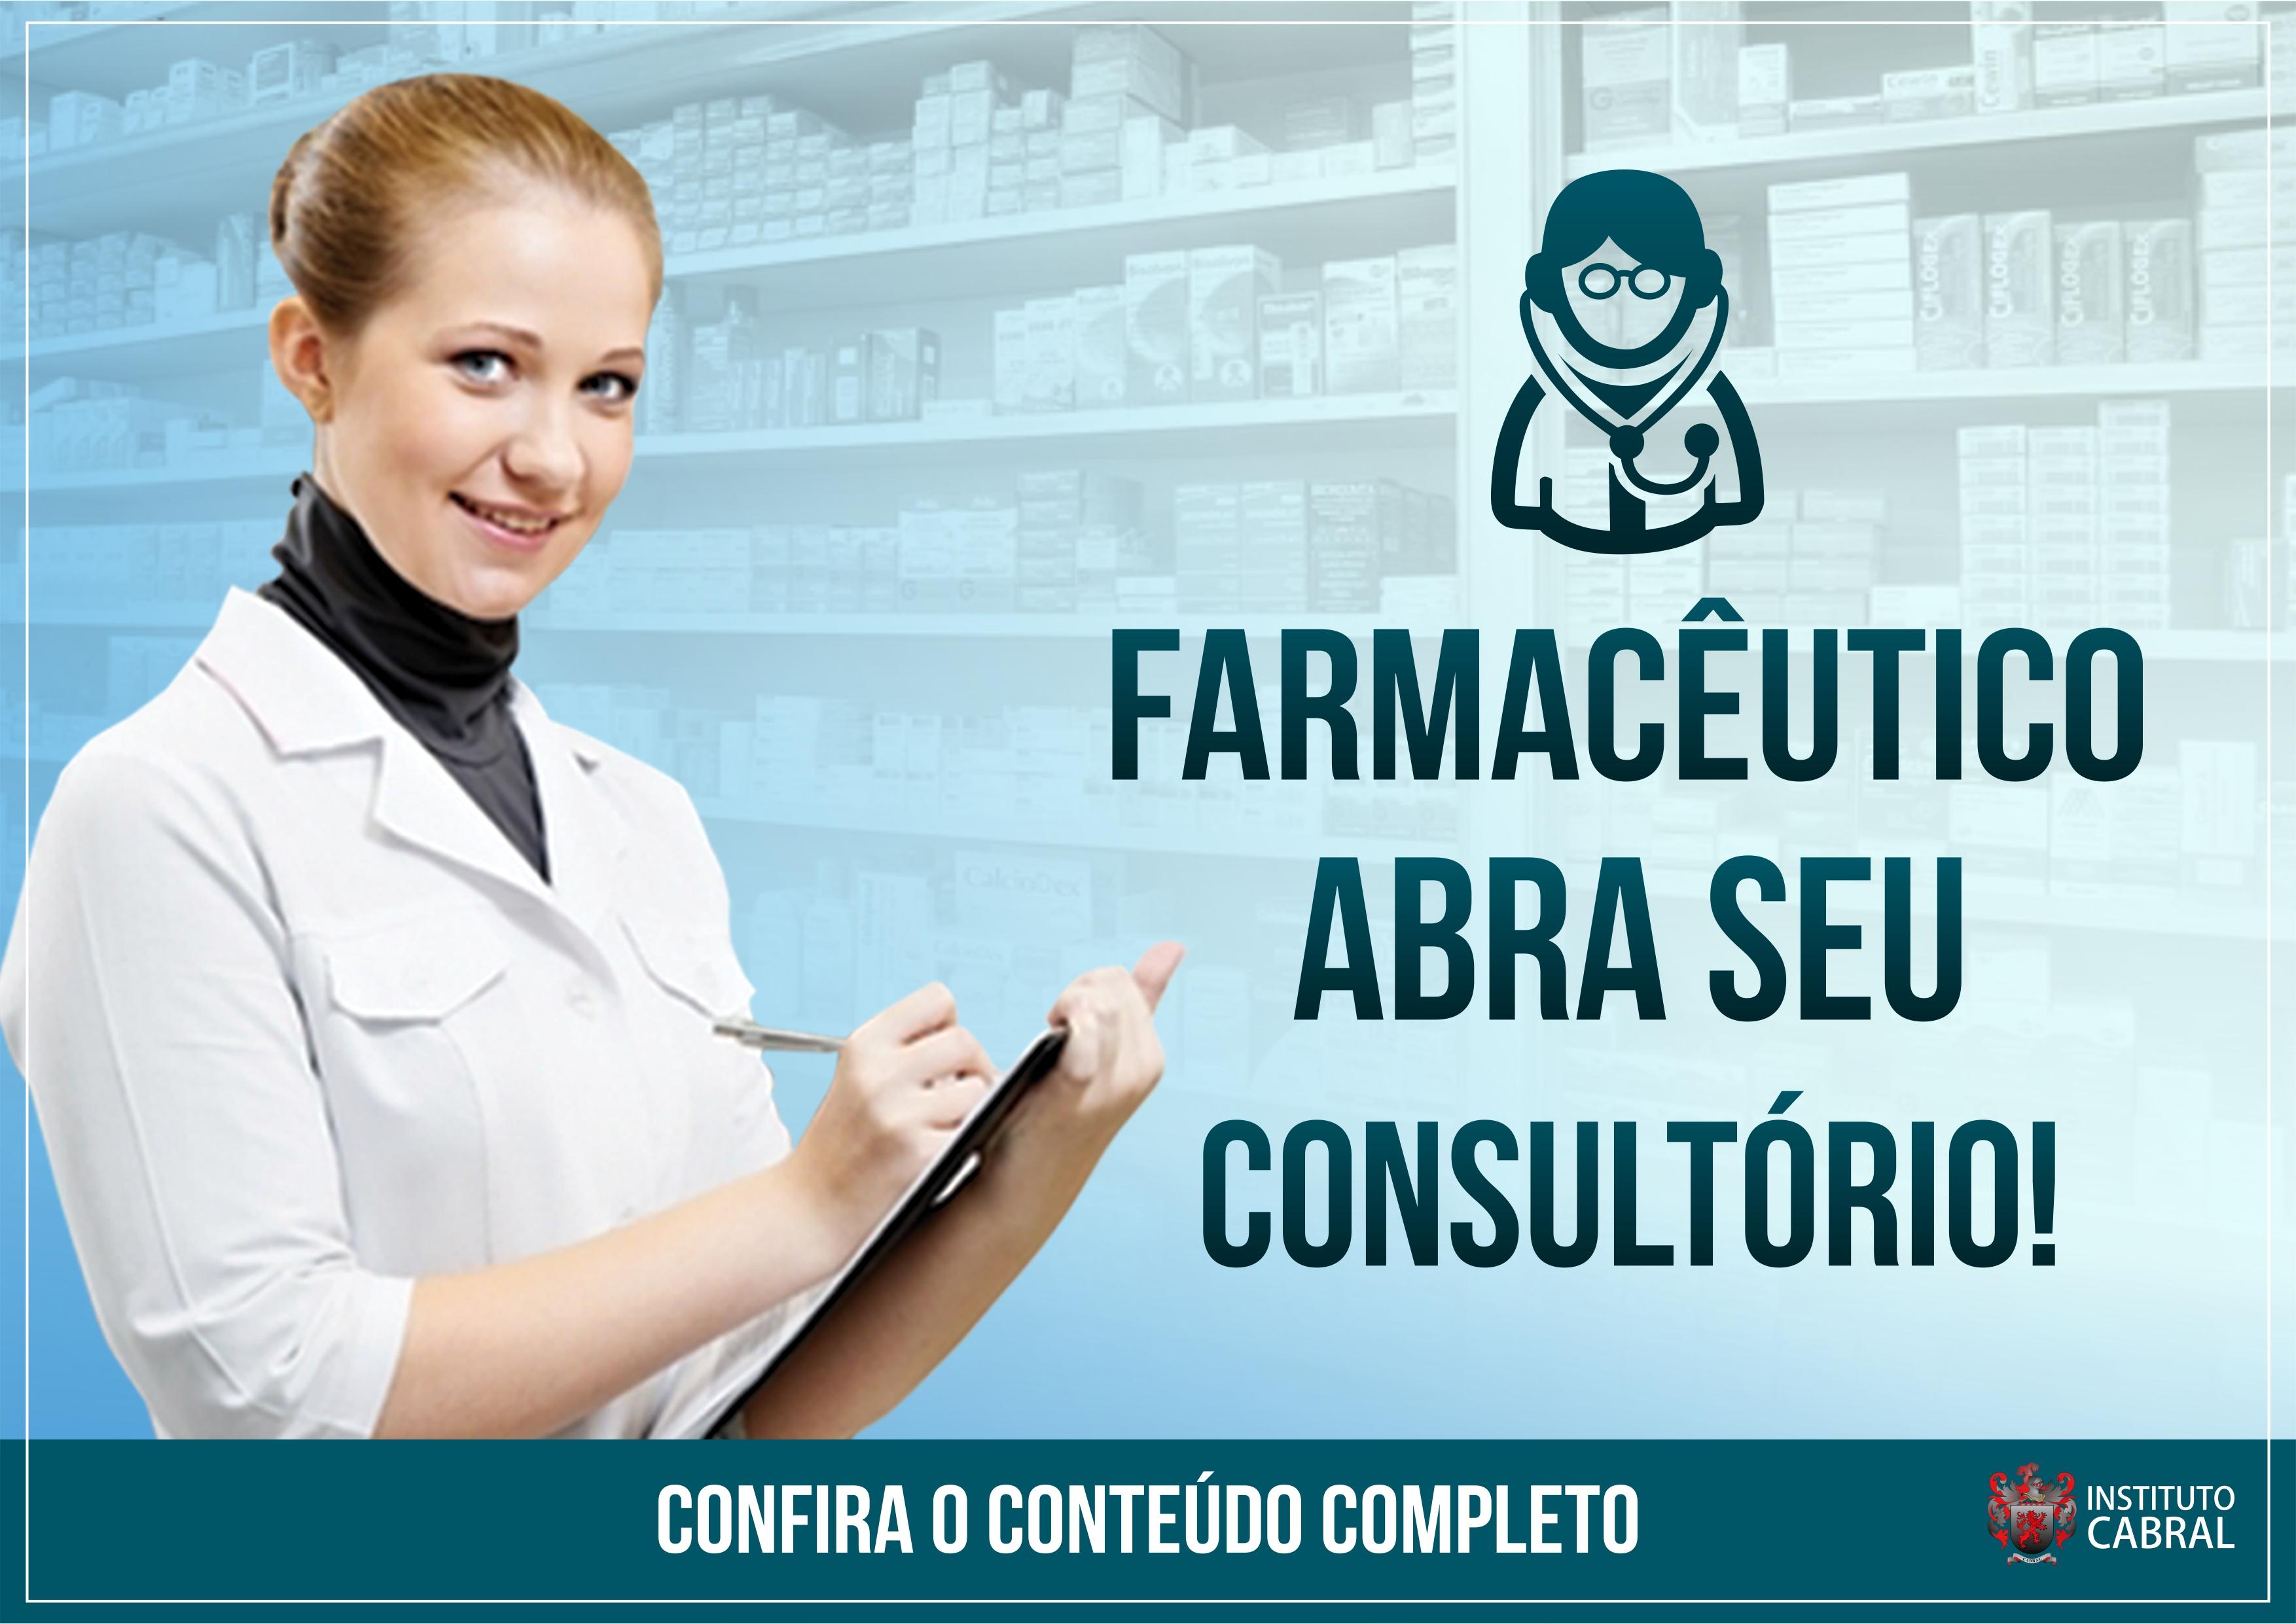 Farmacêutico abra seu consultório!